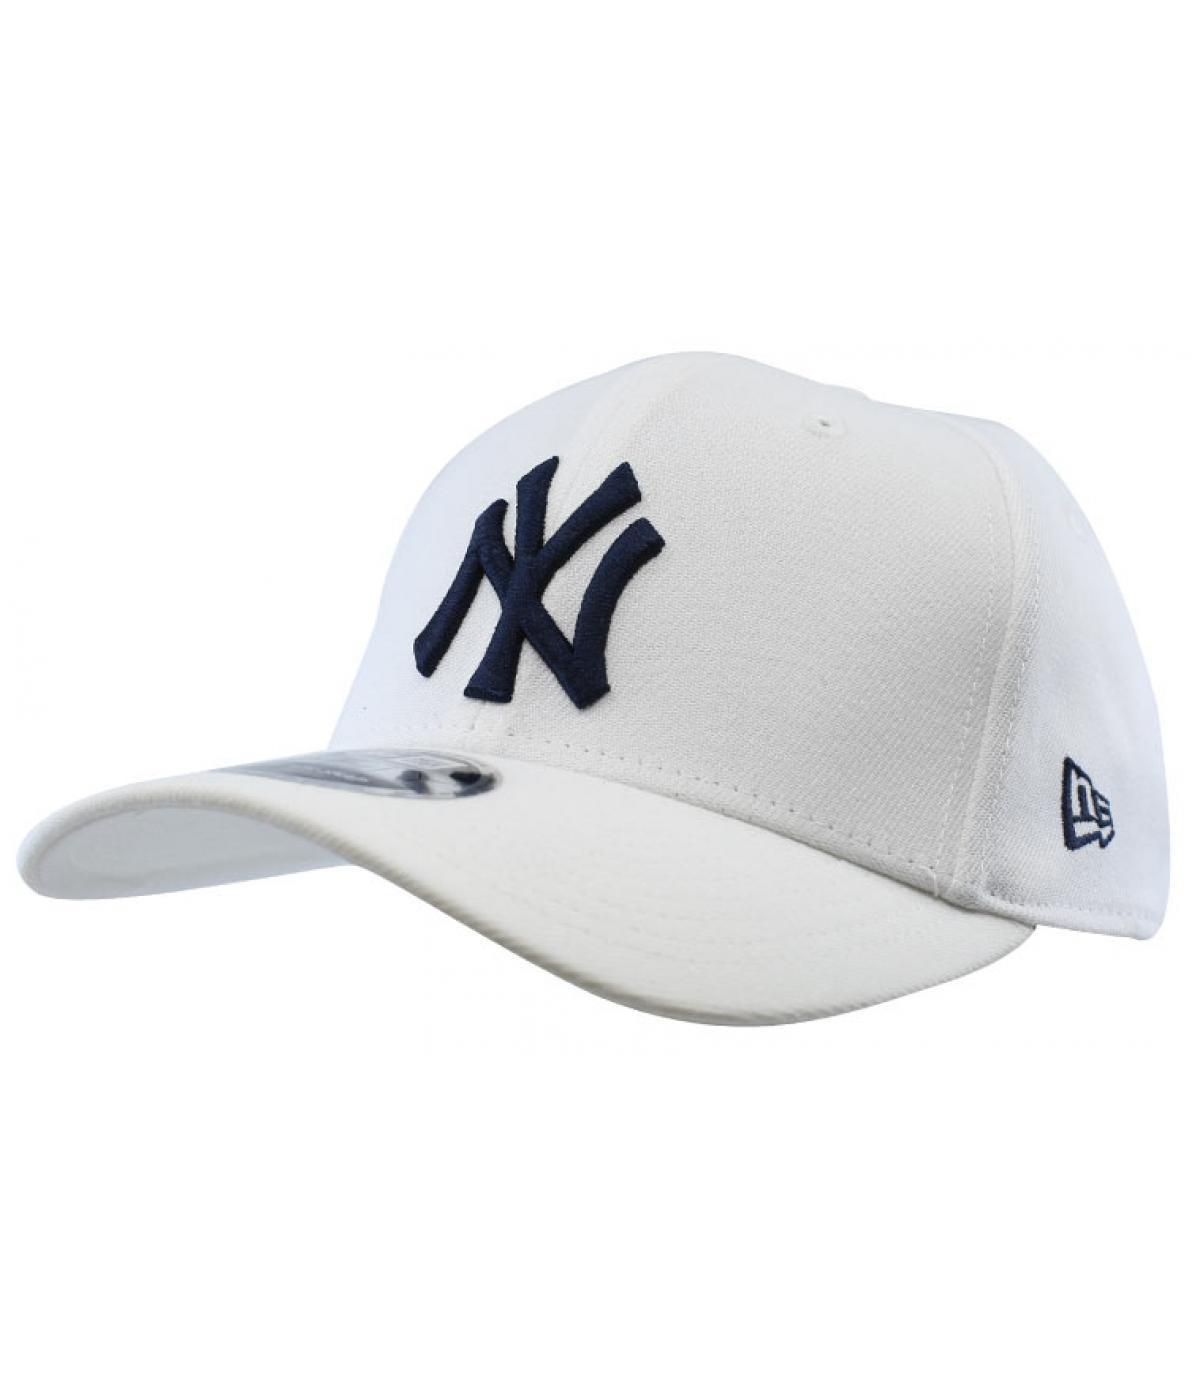 NY snapback bianco